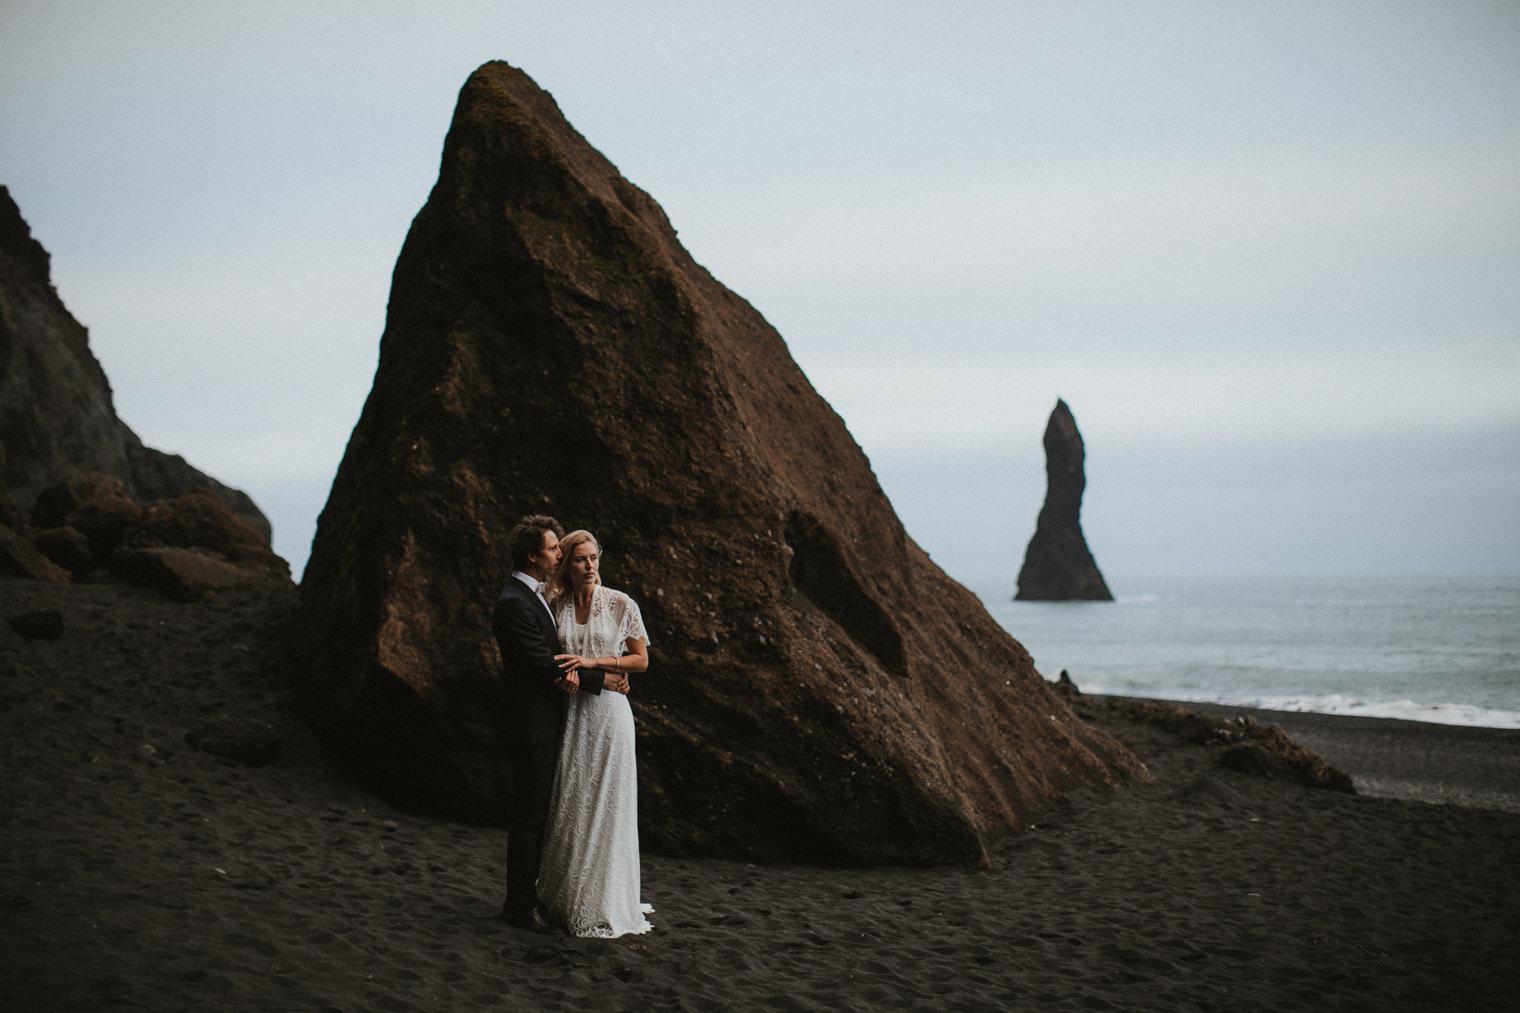 075-iceland-wedding